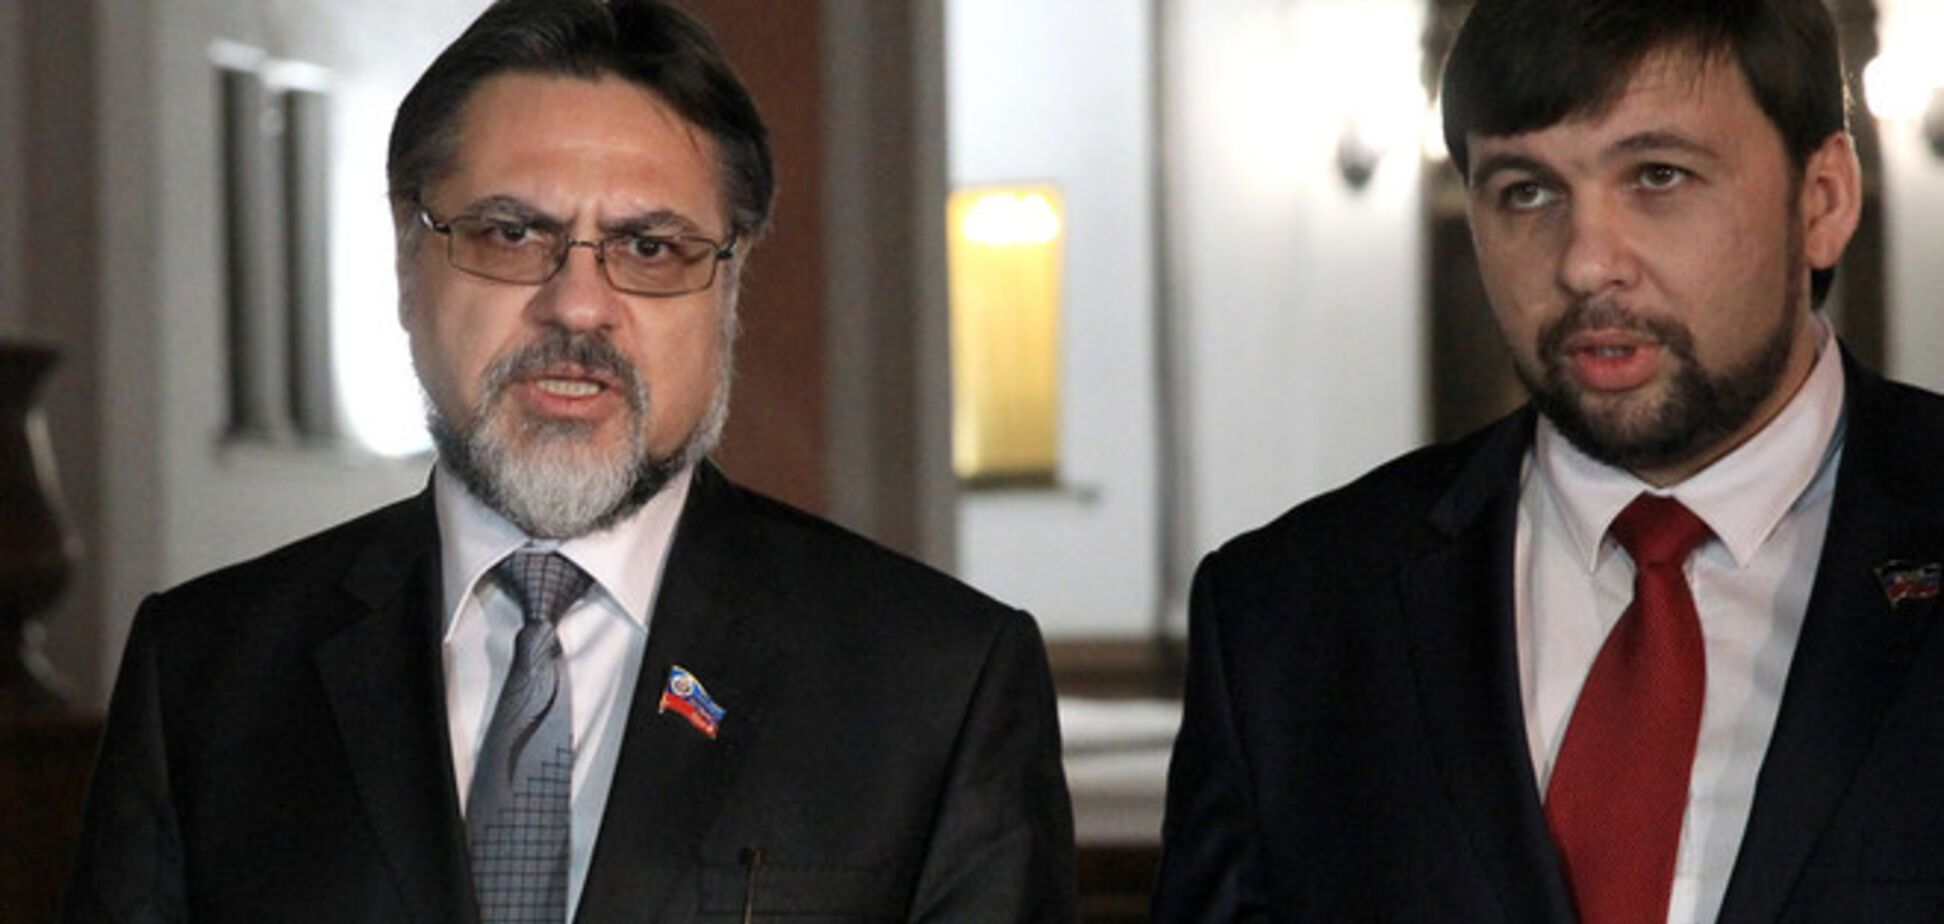 Обнародованы условия 'ДНР' и 'ЛНР' на переговорах в Минске: документ